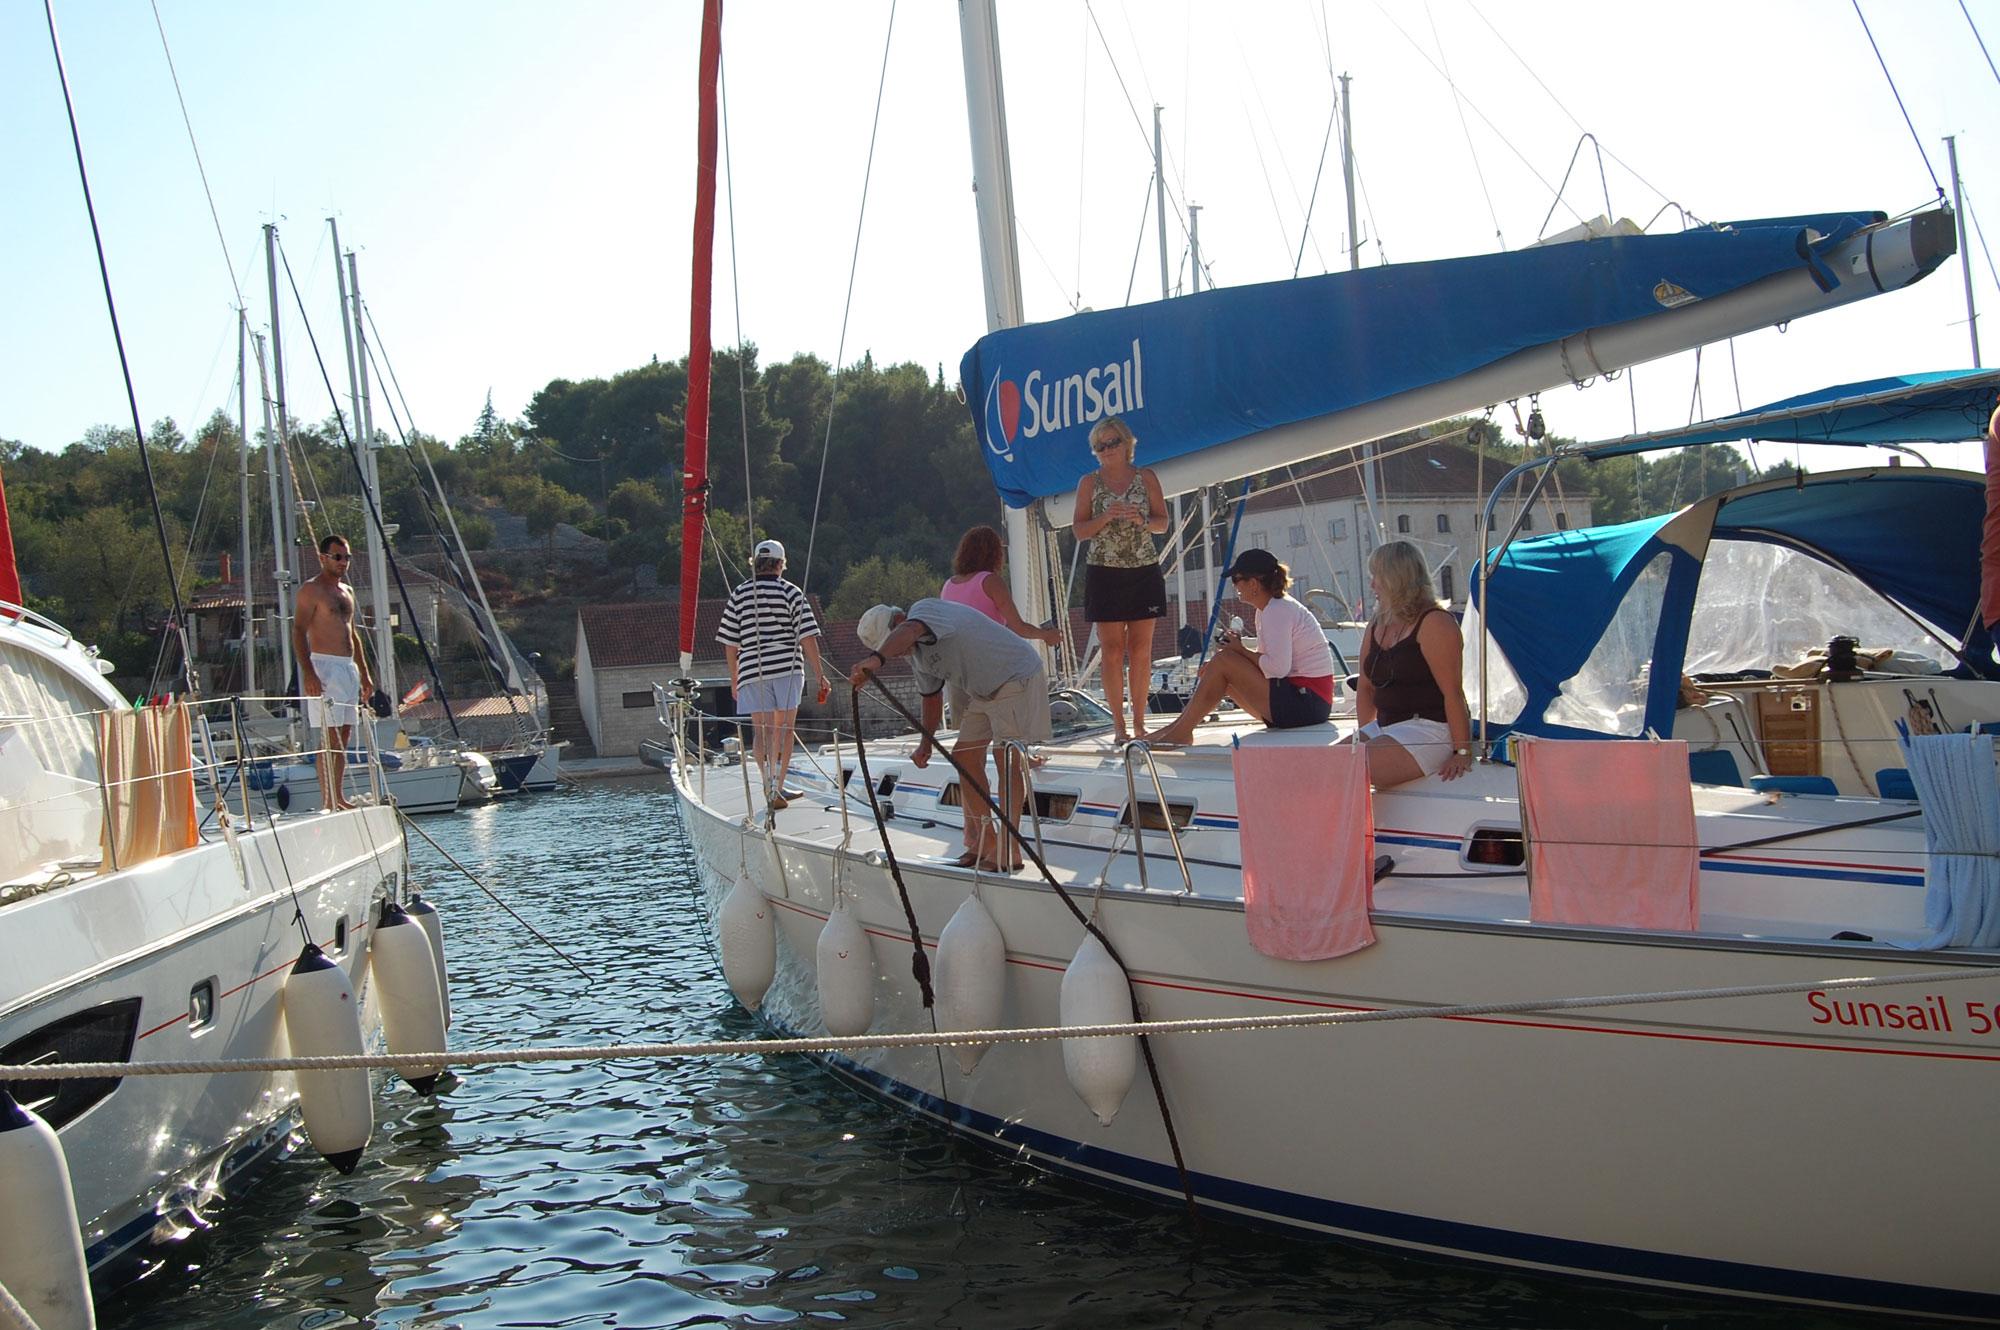 rafting sailboats